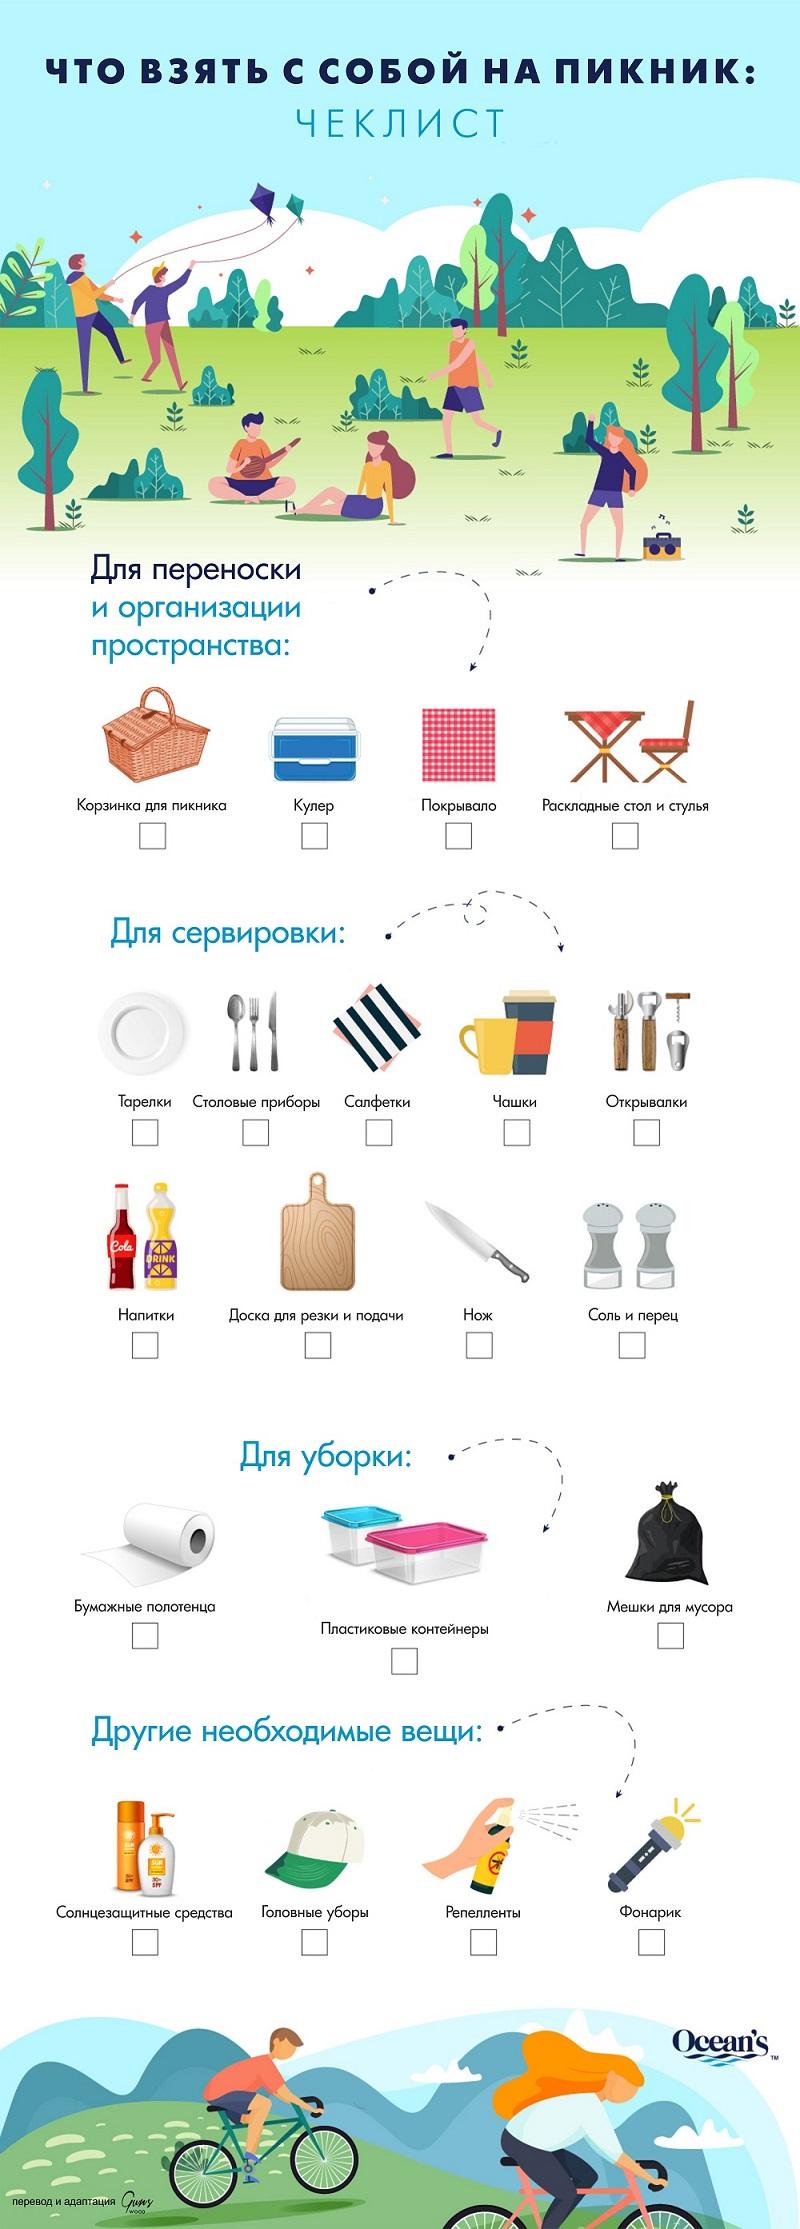 пикник, чеклист пикник, пикник инфографика, что взять на пикник, организация пикника, отдых на природе